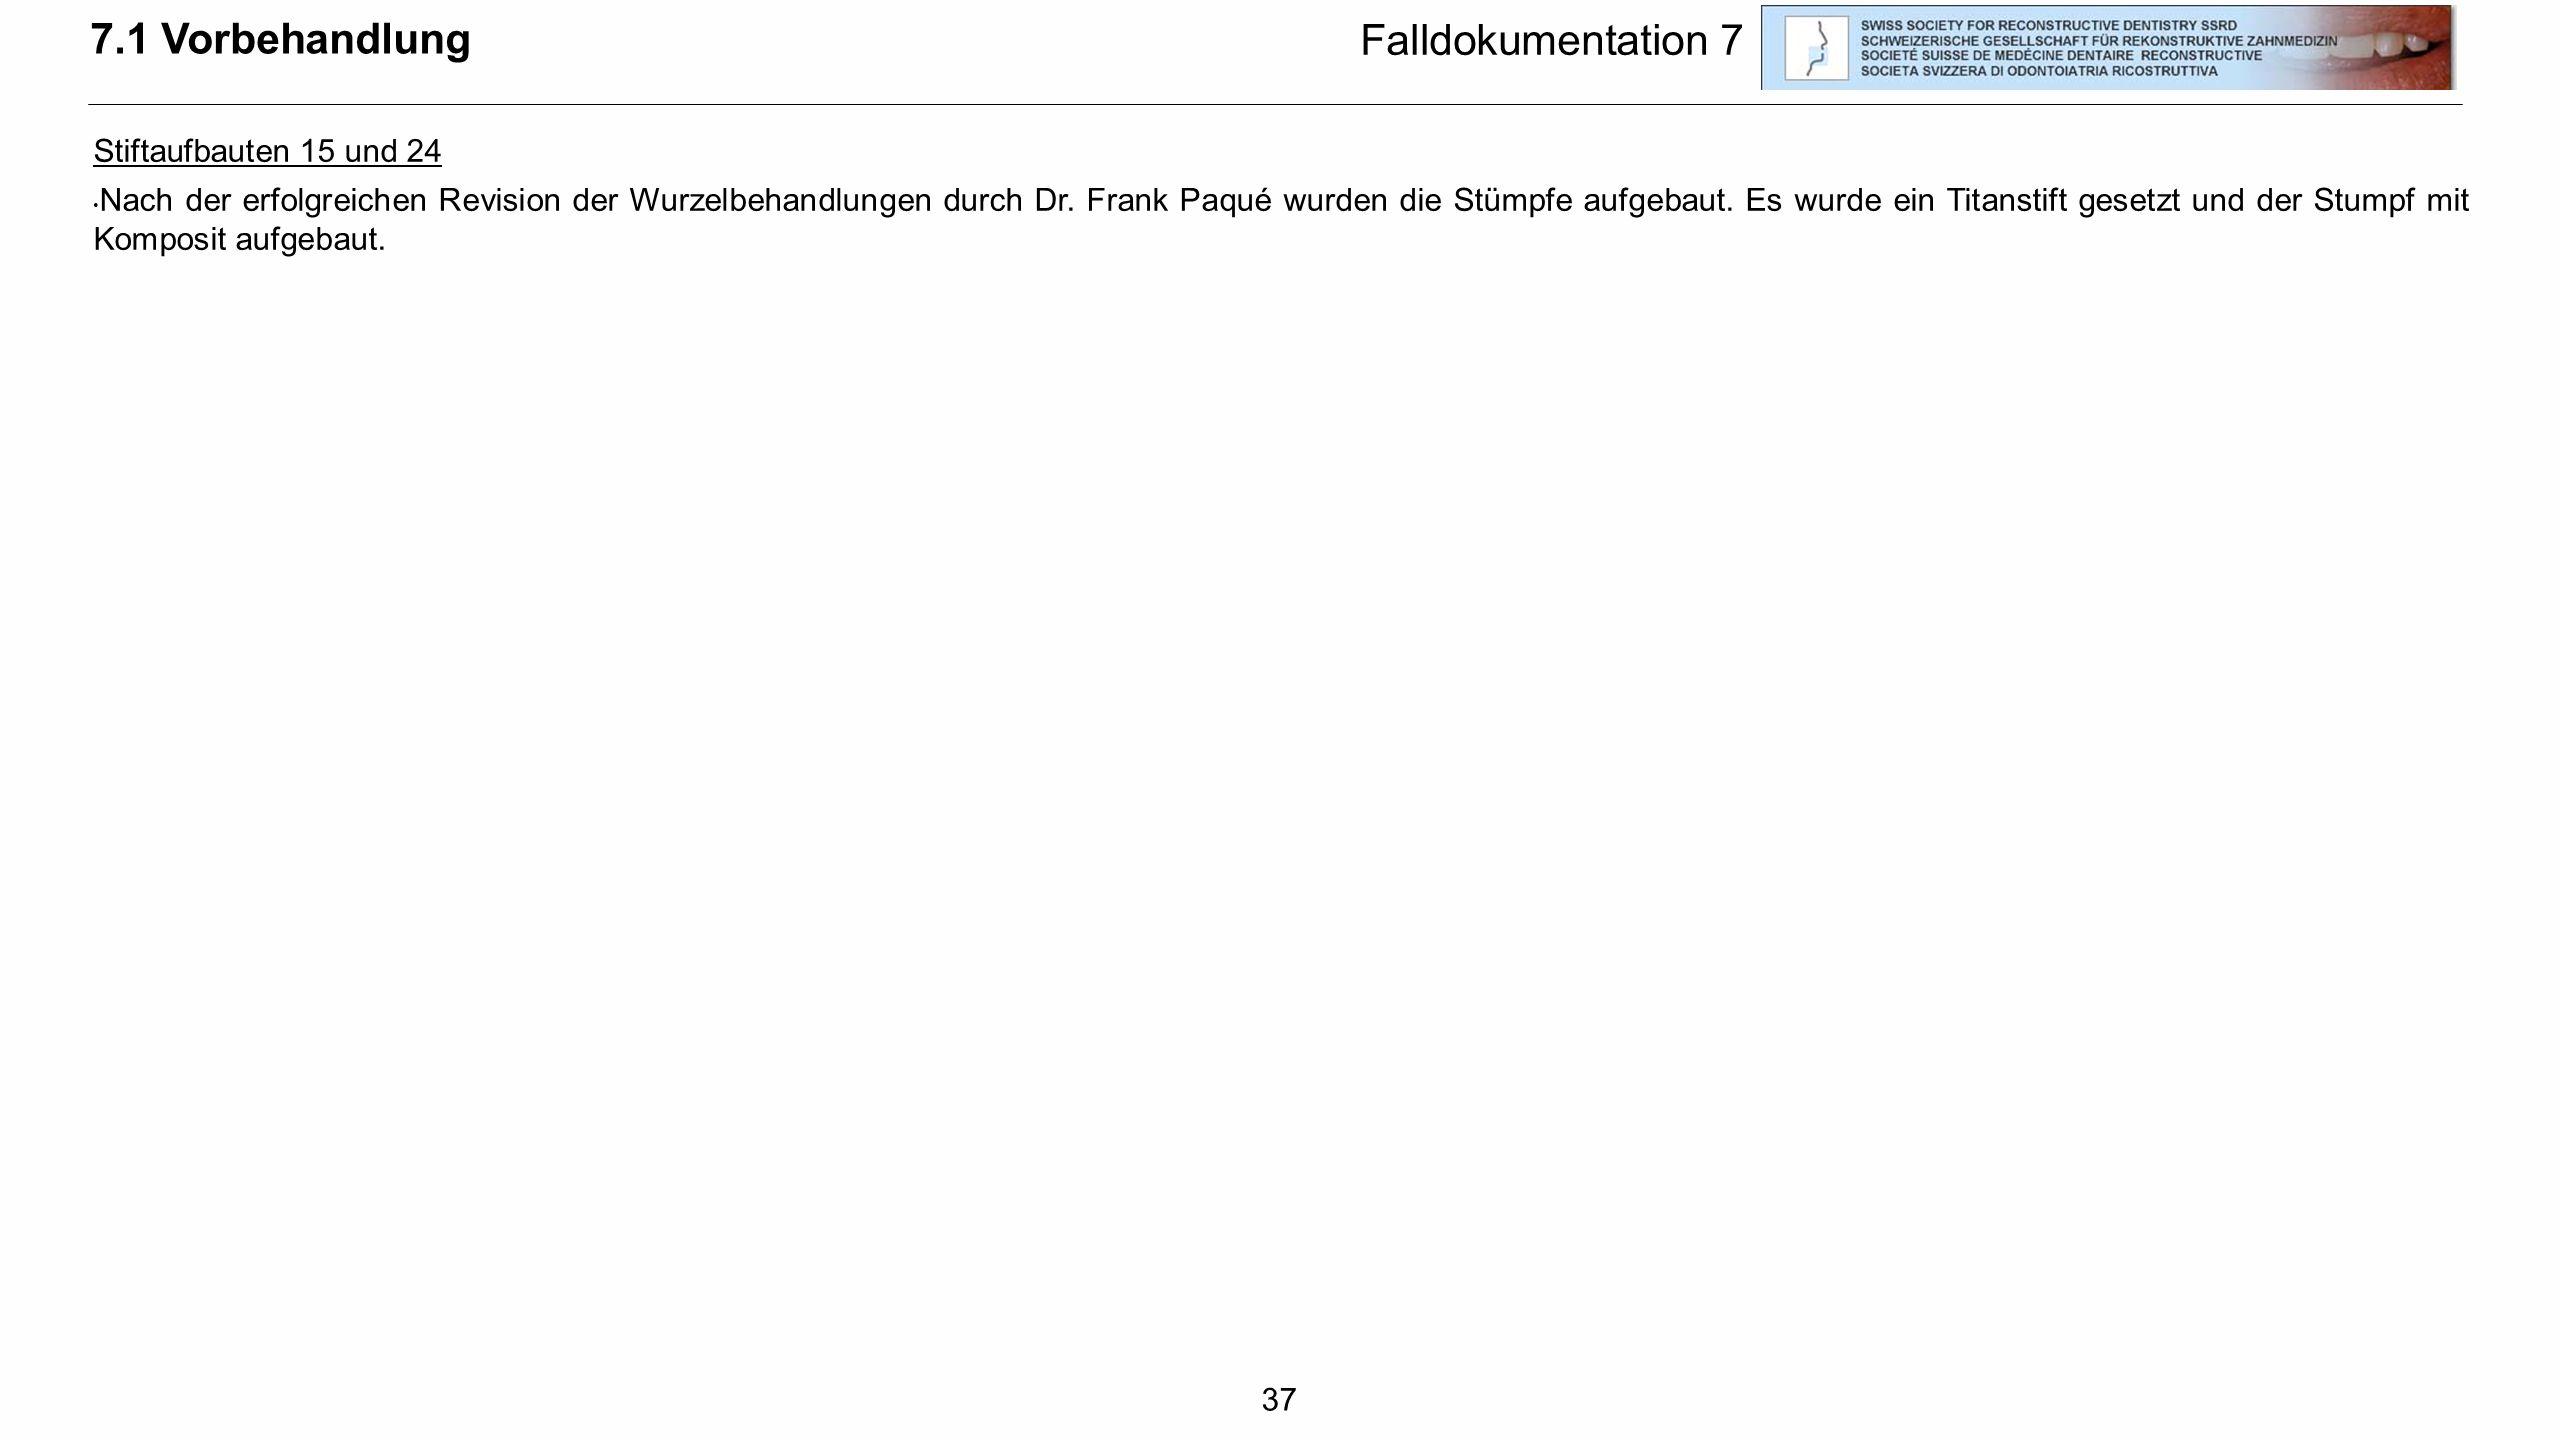 37 7.1 Vorbehandlung Falldokumentation 7 Stiftaufbauten 15 und 24 Nach der erfolgreichen Revision der Wurzelbehandlungen durch Dr. Frank Paqué wurden